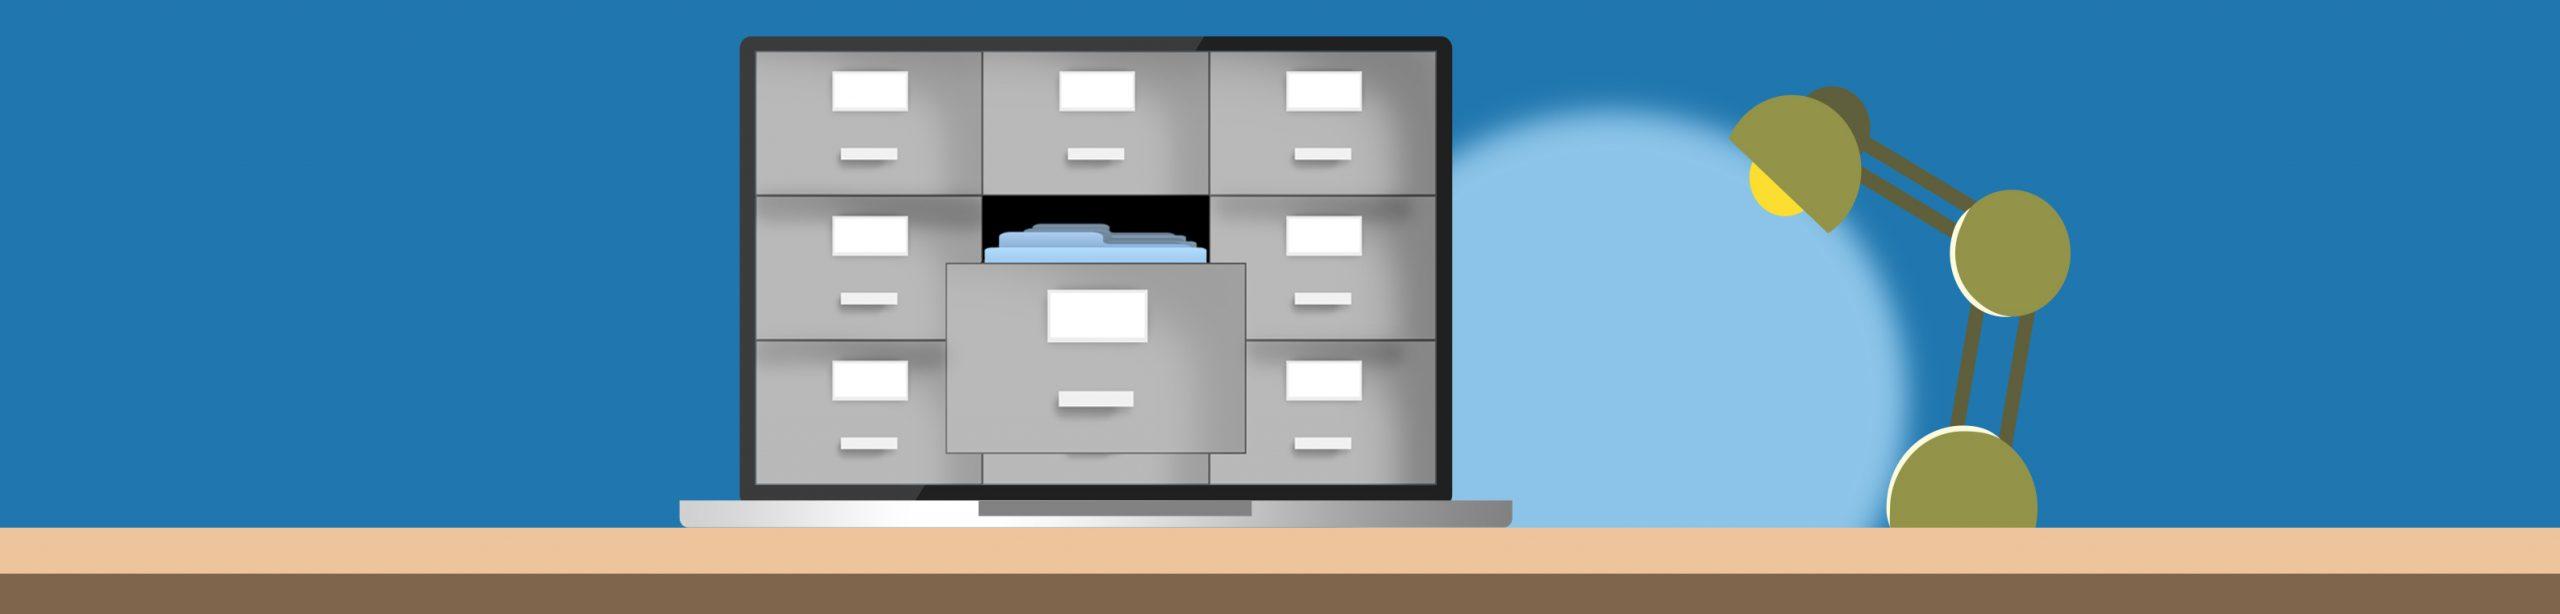 archive-backup-print